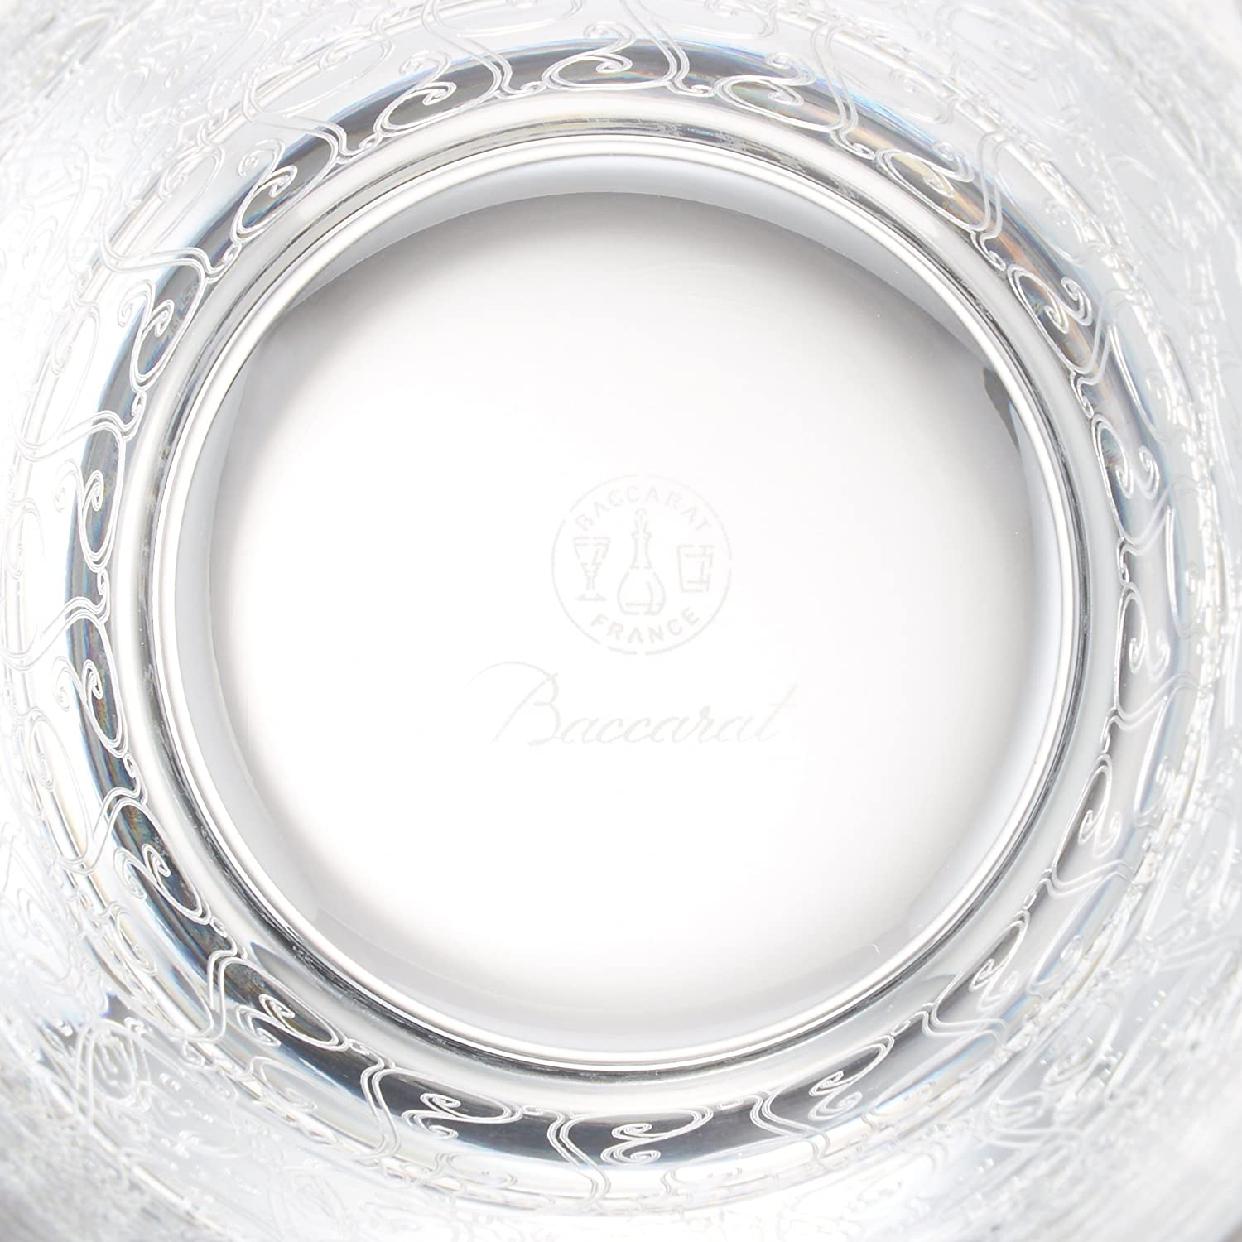 Baccarat(バカラ) ローハン タンブラー 280ml 1510238の商品画像3